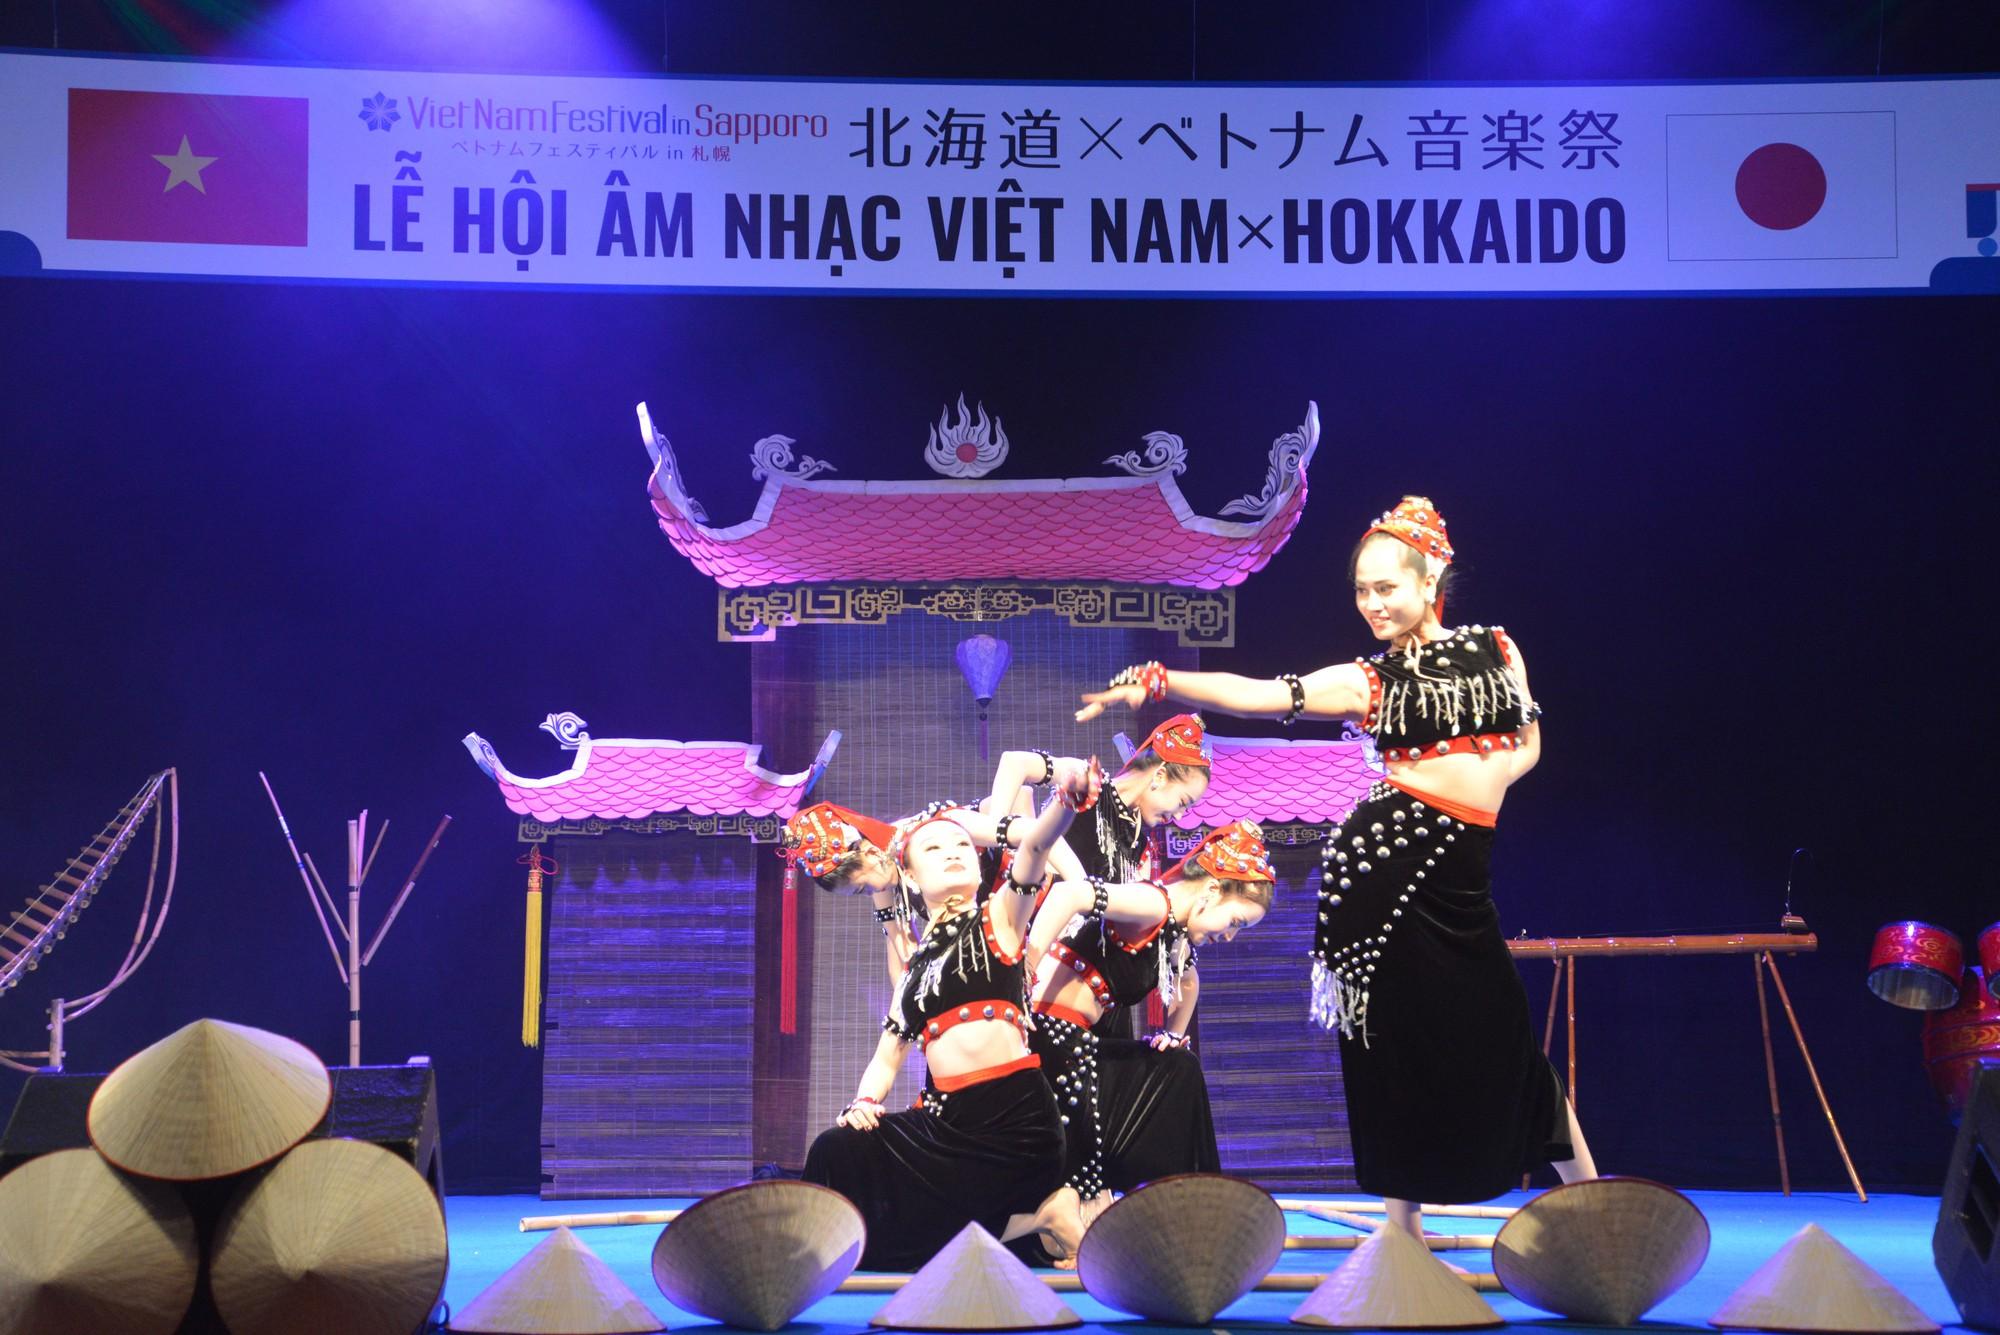 Lễ hội Việt Nam tại Sapporo năm 2019 lần thứ nhất - Ảnh 10.